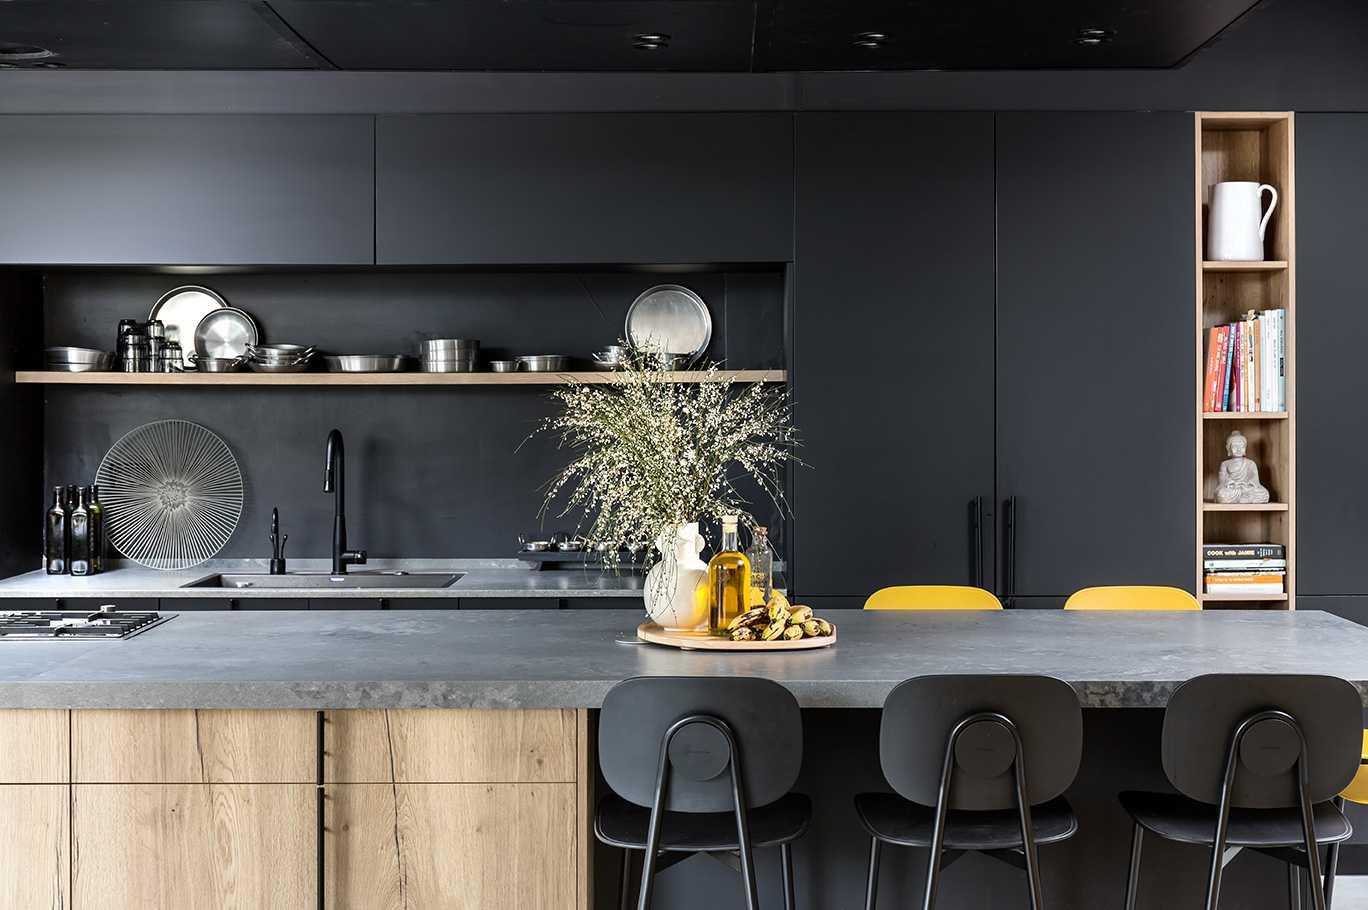 מטבח עם משטח אבן קיסר אפור